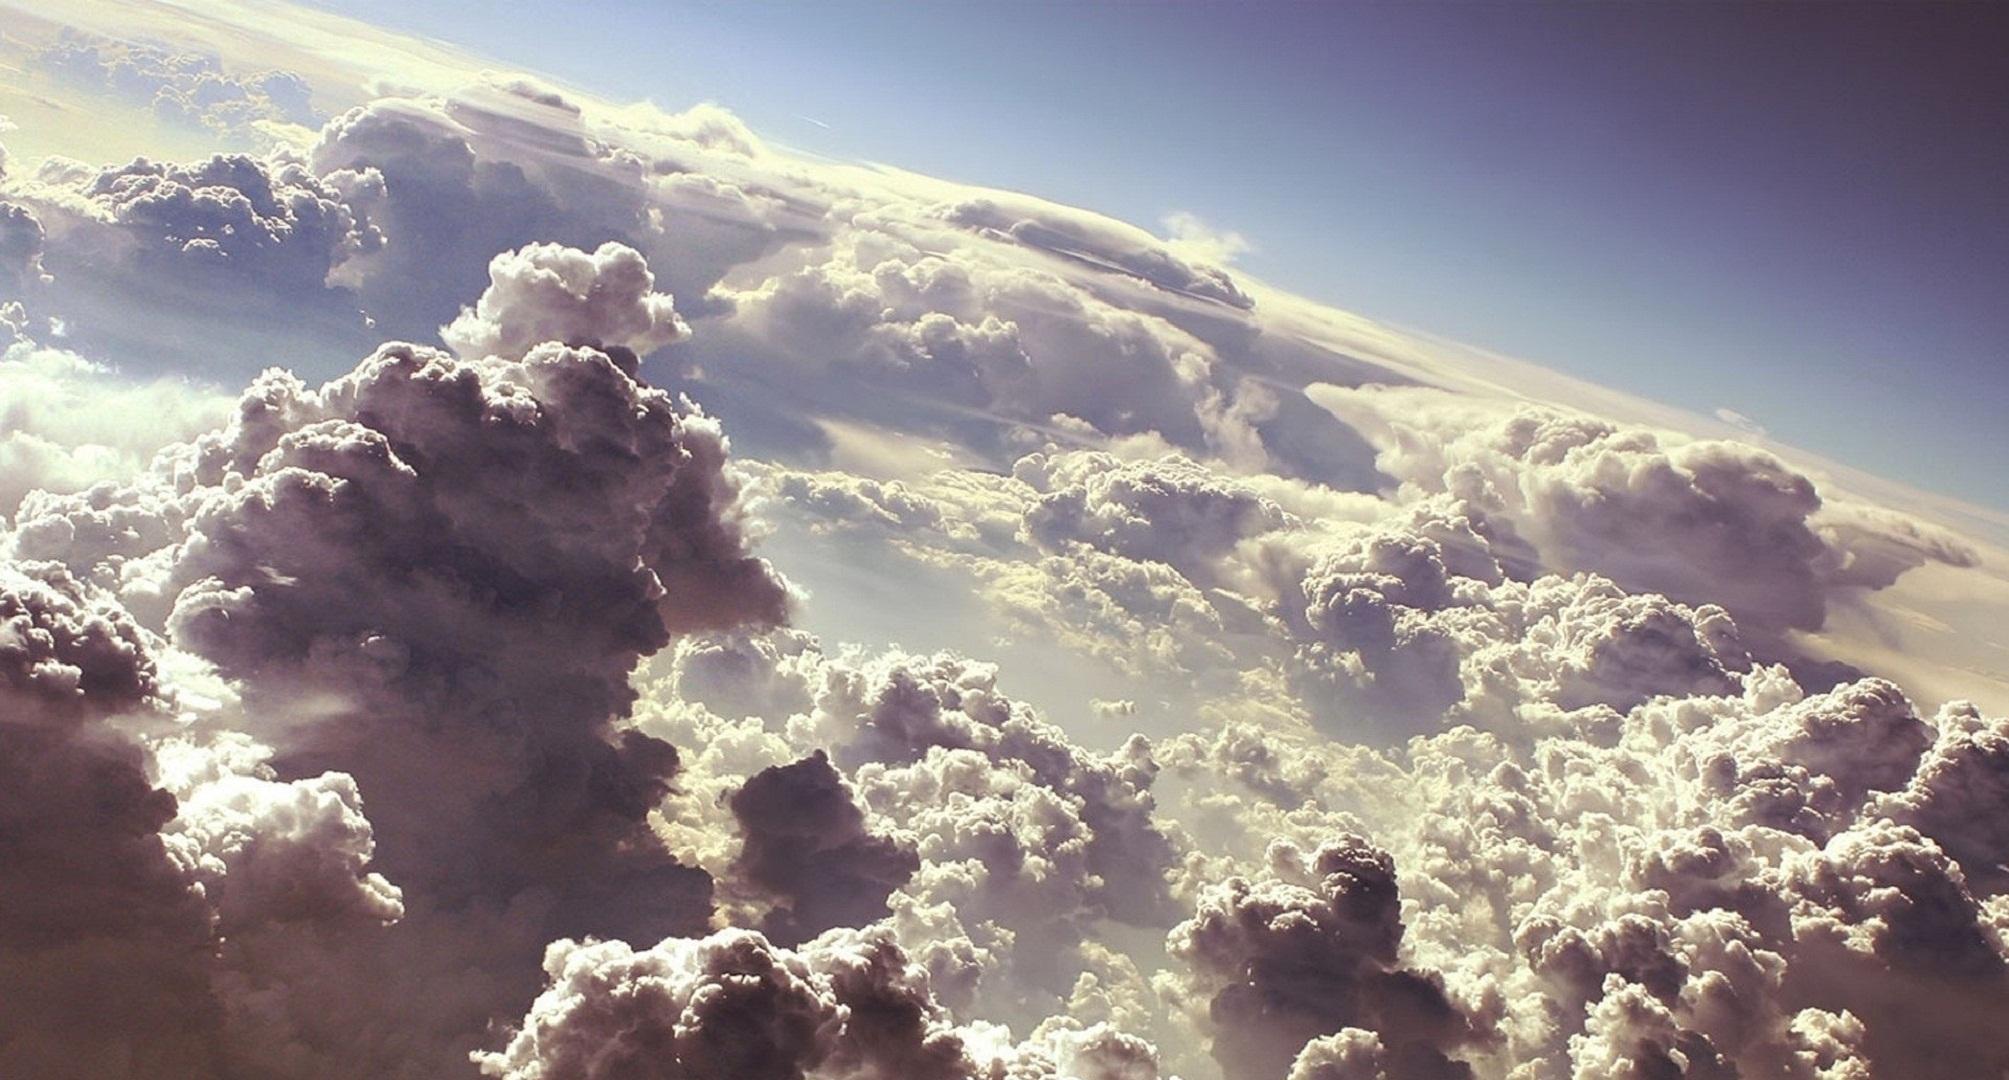 Fondos para fotos de nubes 38